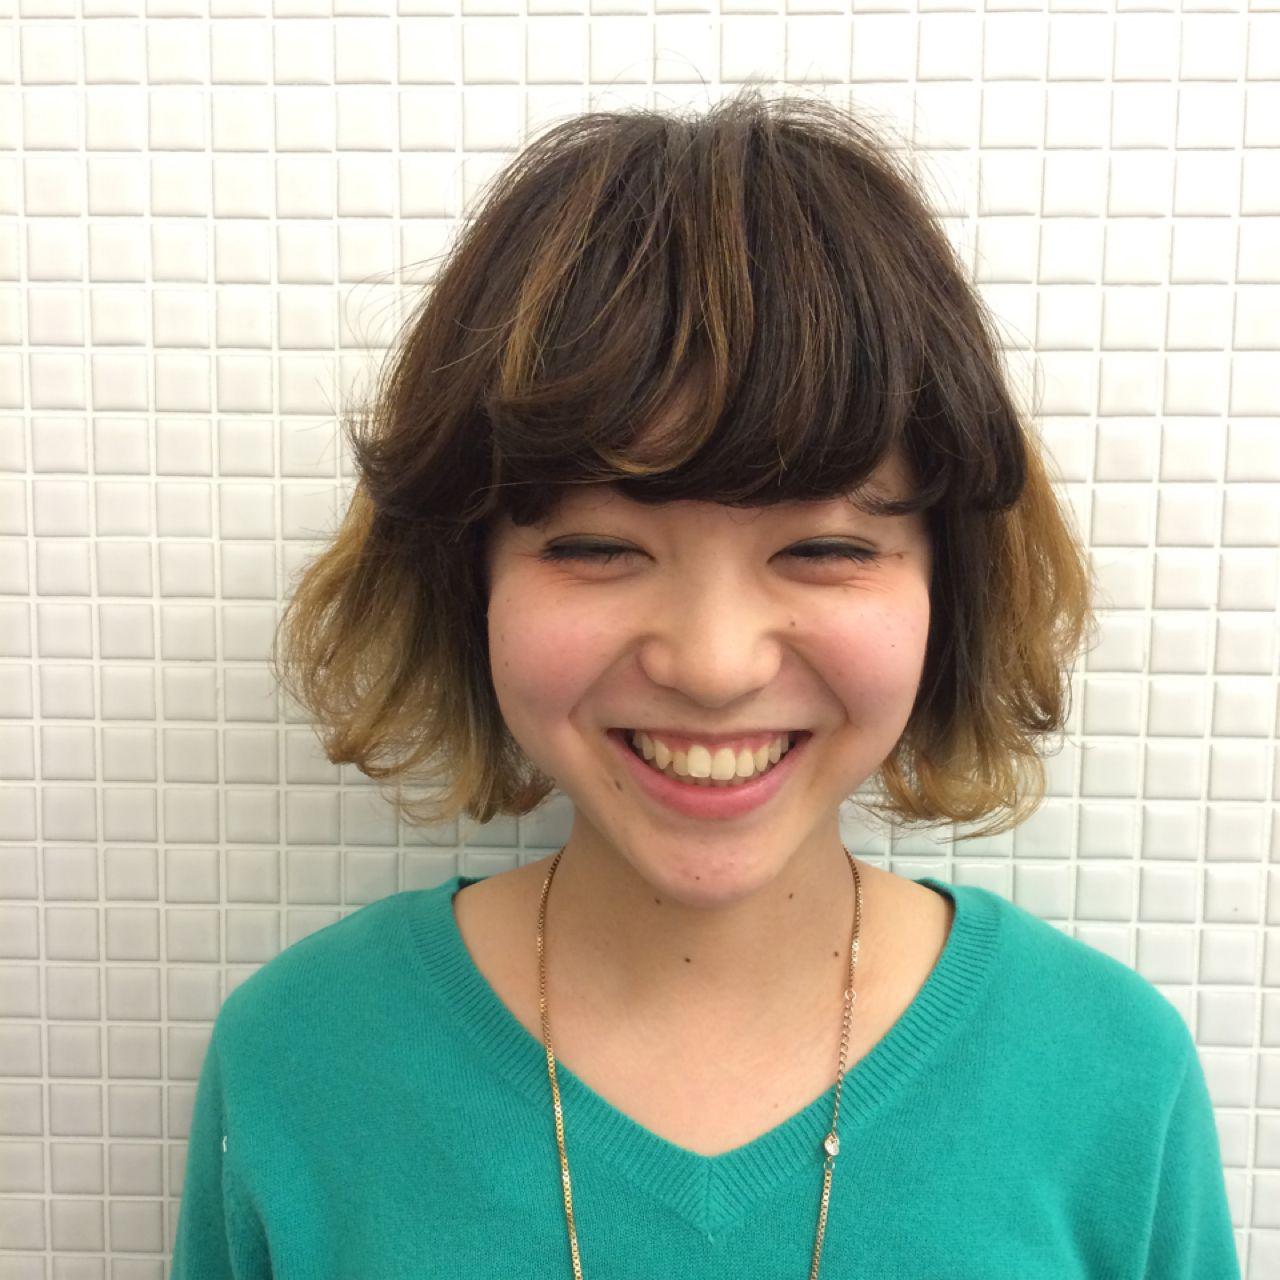 ゆるふわ グラデーションカラー パーマ ストリート ヘアスタイルや髪型の写真・画像 | nakamichi yuca /